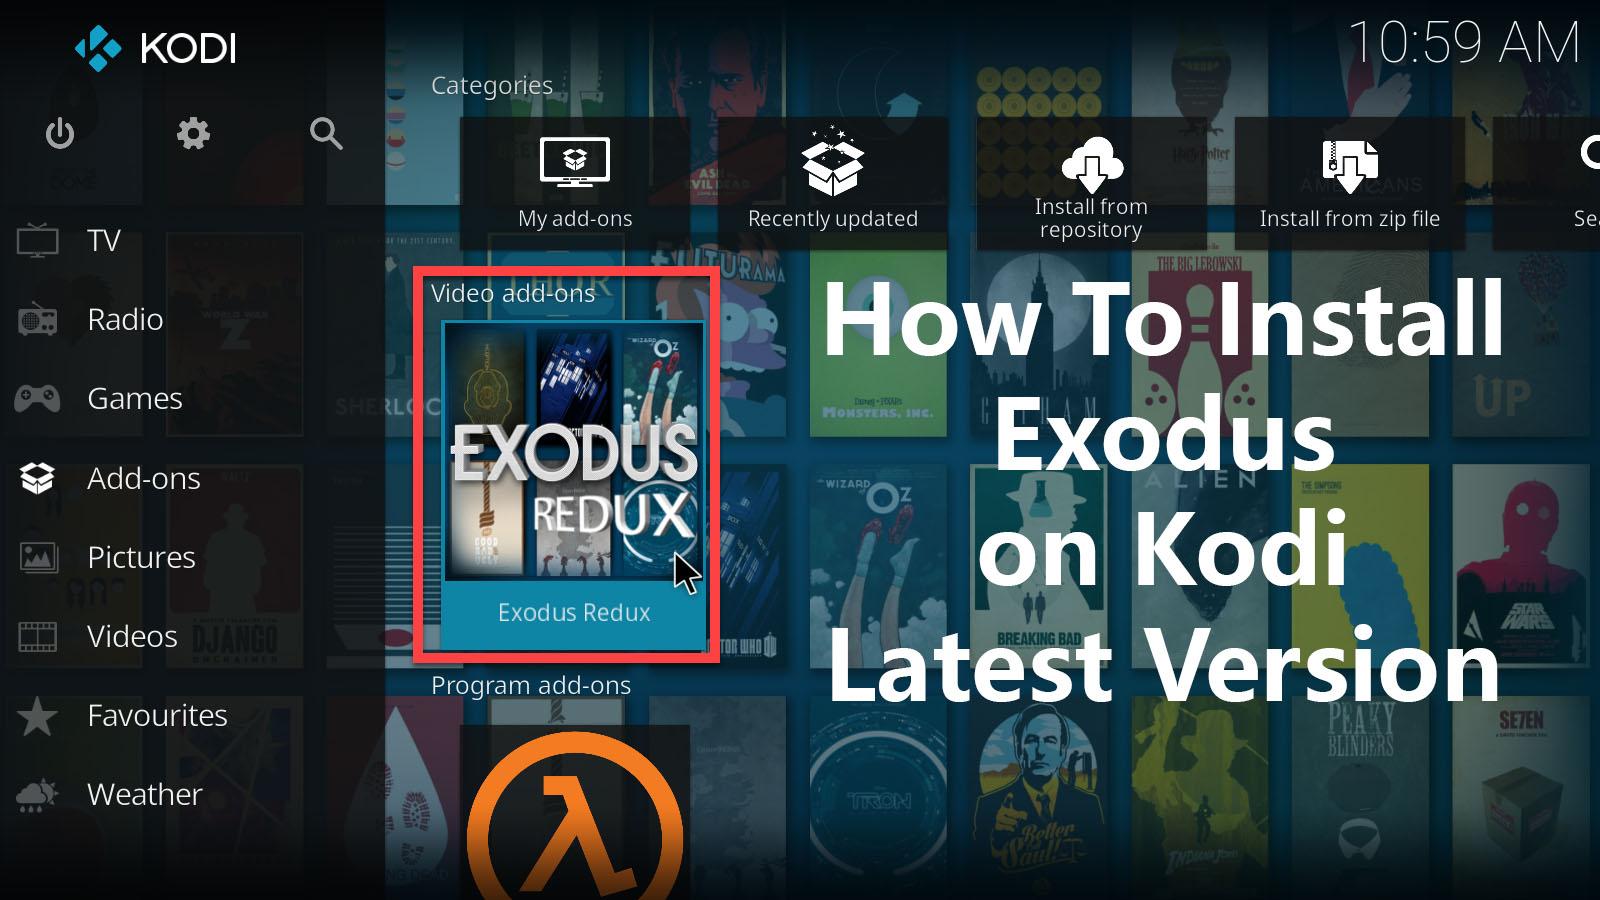 How to Install exodus on kodi Krypton